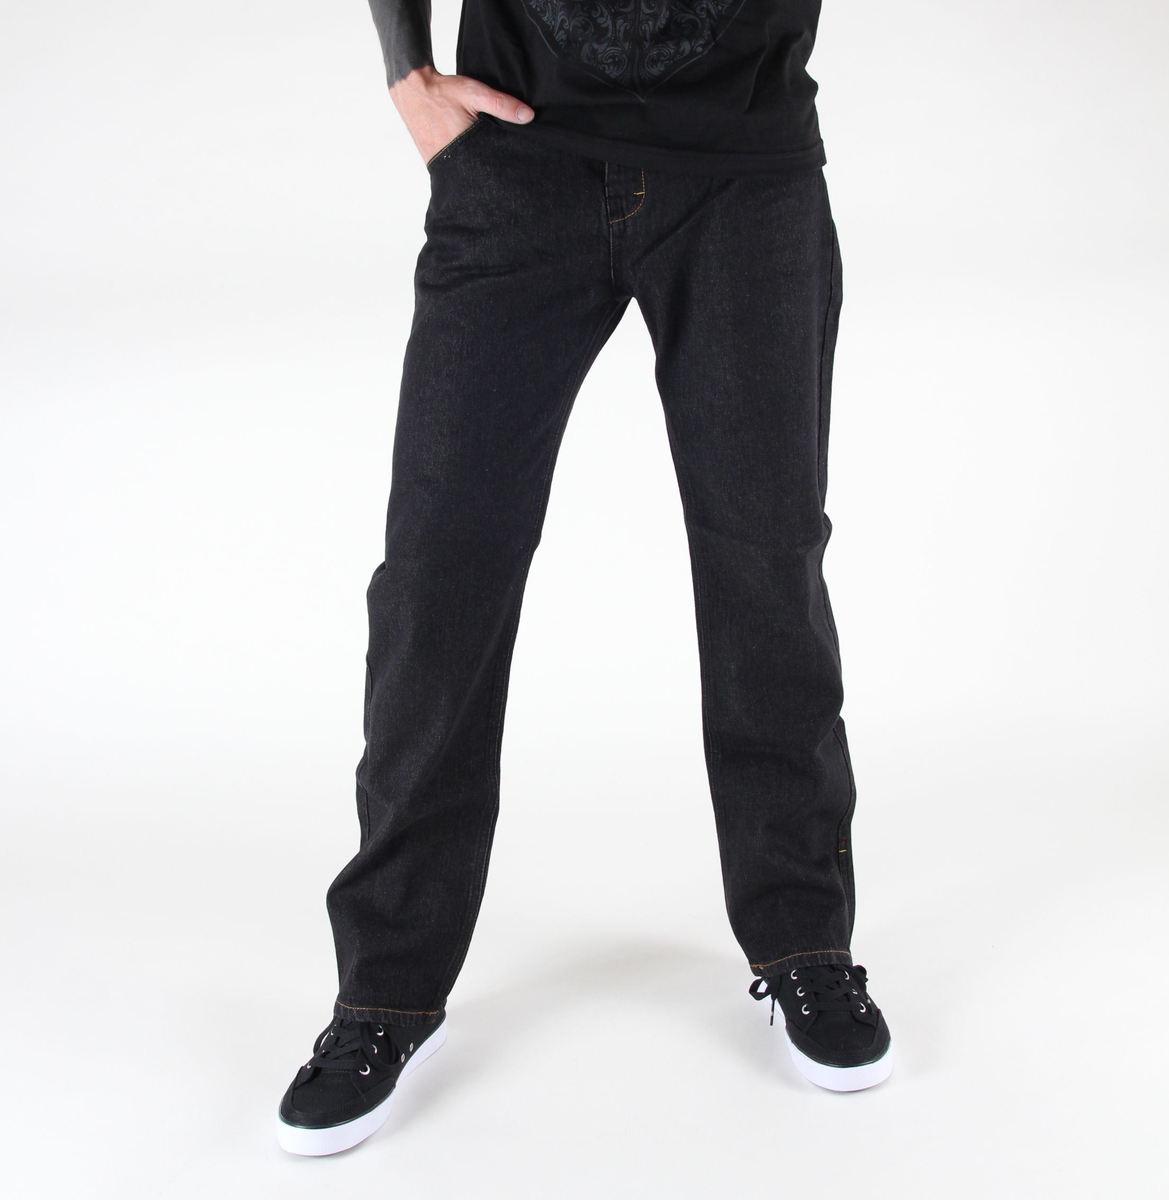 kalhoty pánské (jeansy) SPITFIRE - CLSSC VTG BLK